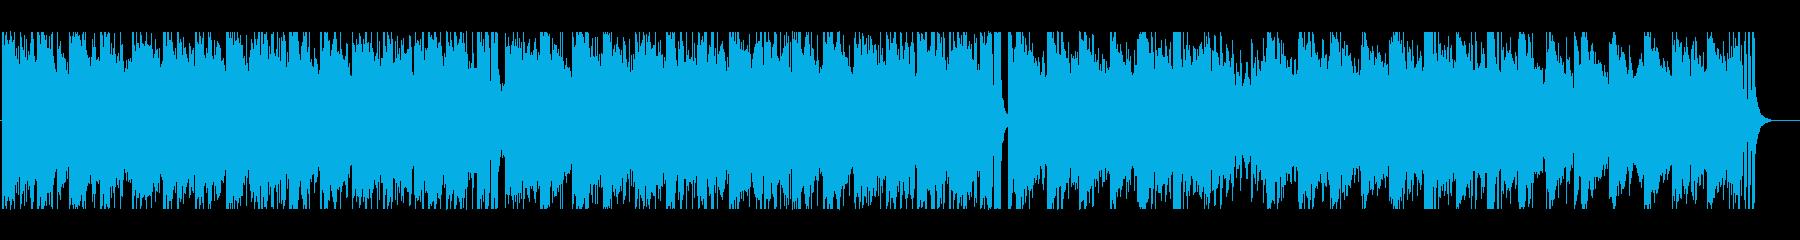 少し切ない大人のイメージのBGMの再生済みの波形